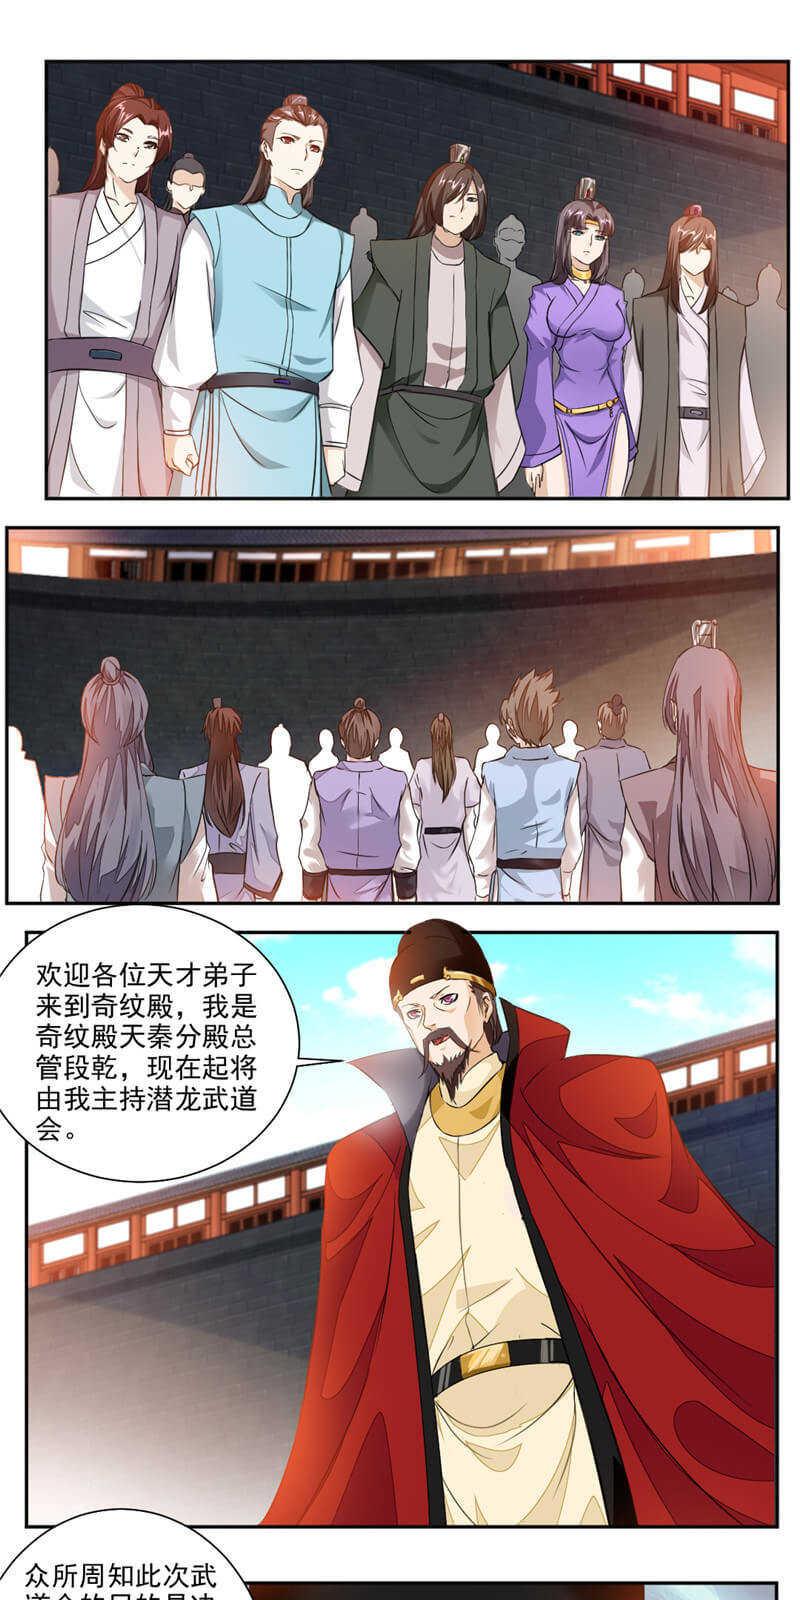 九阳神王第42话  潜龙武道大会 第 4